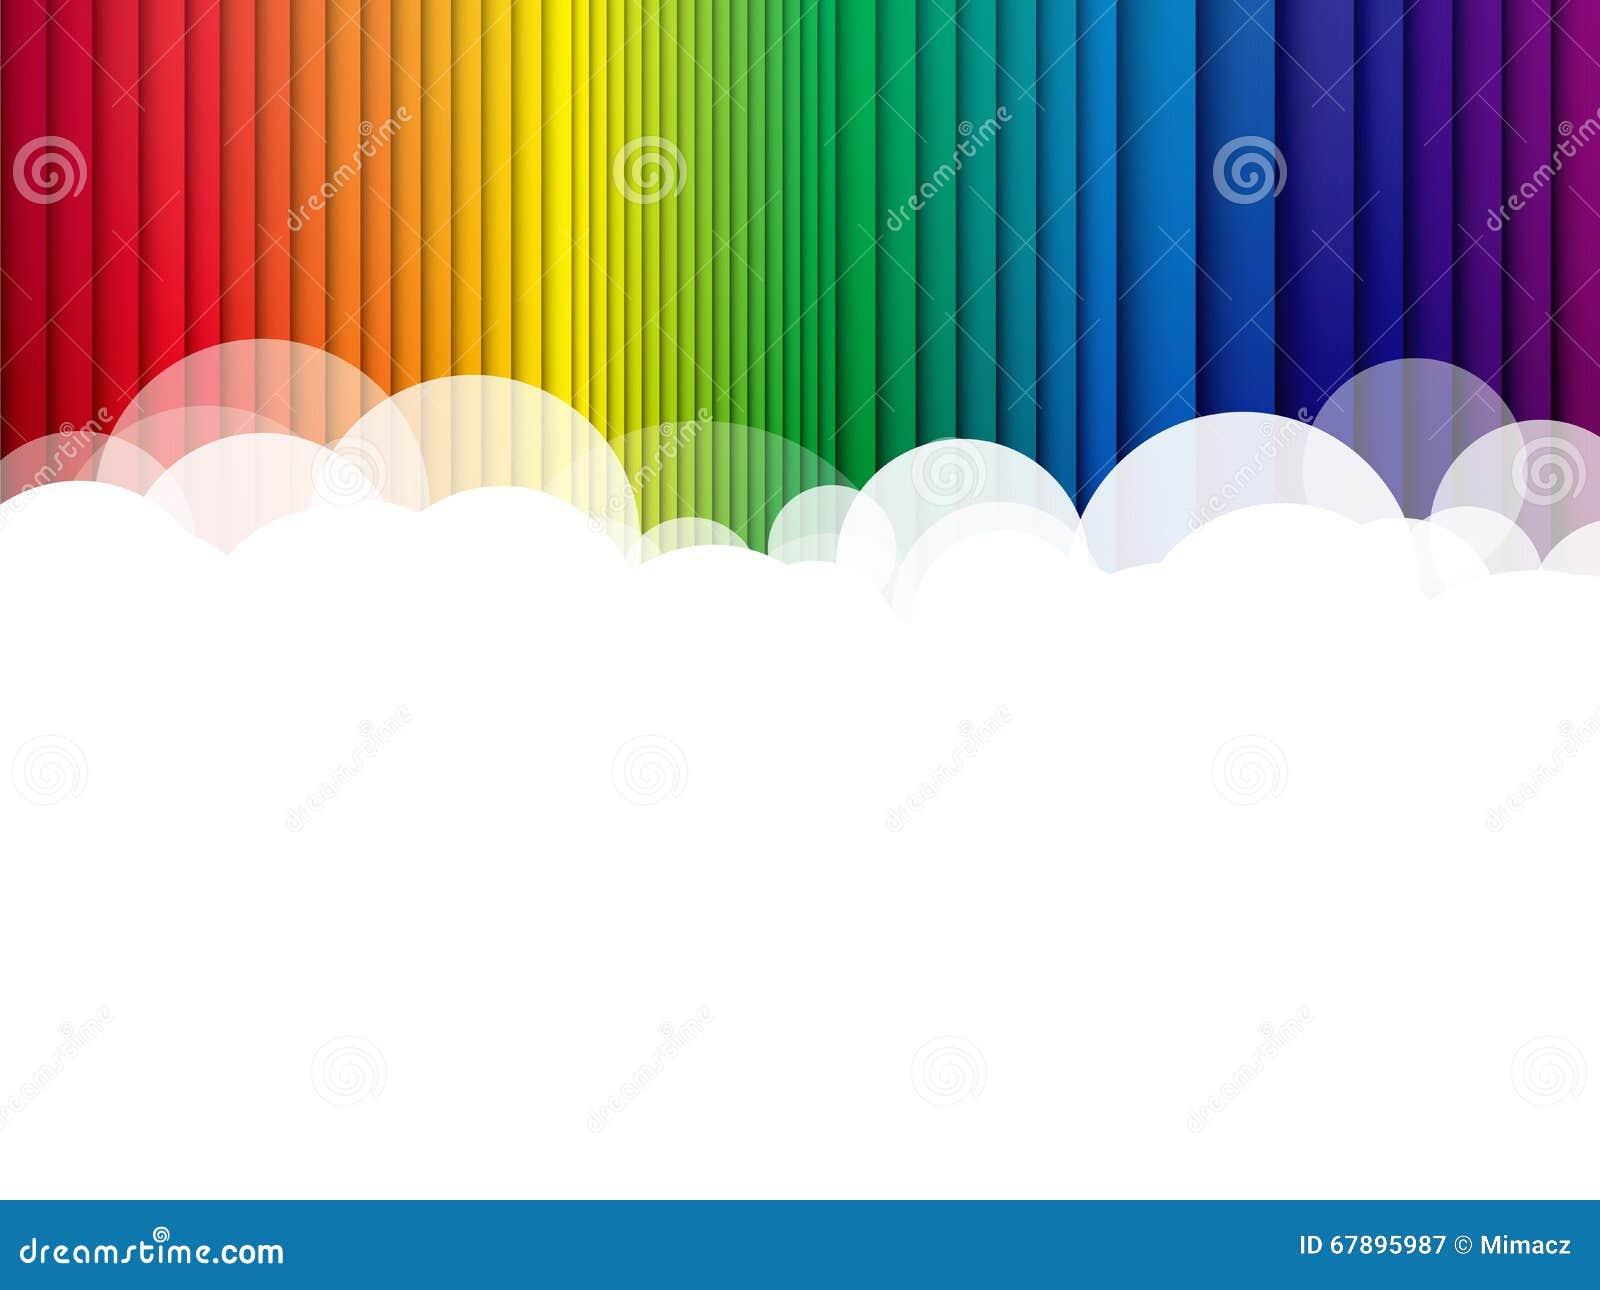 覆盖背景彩虹条纹